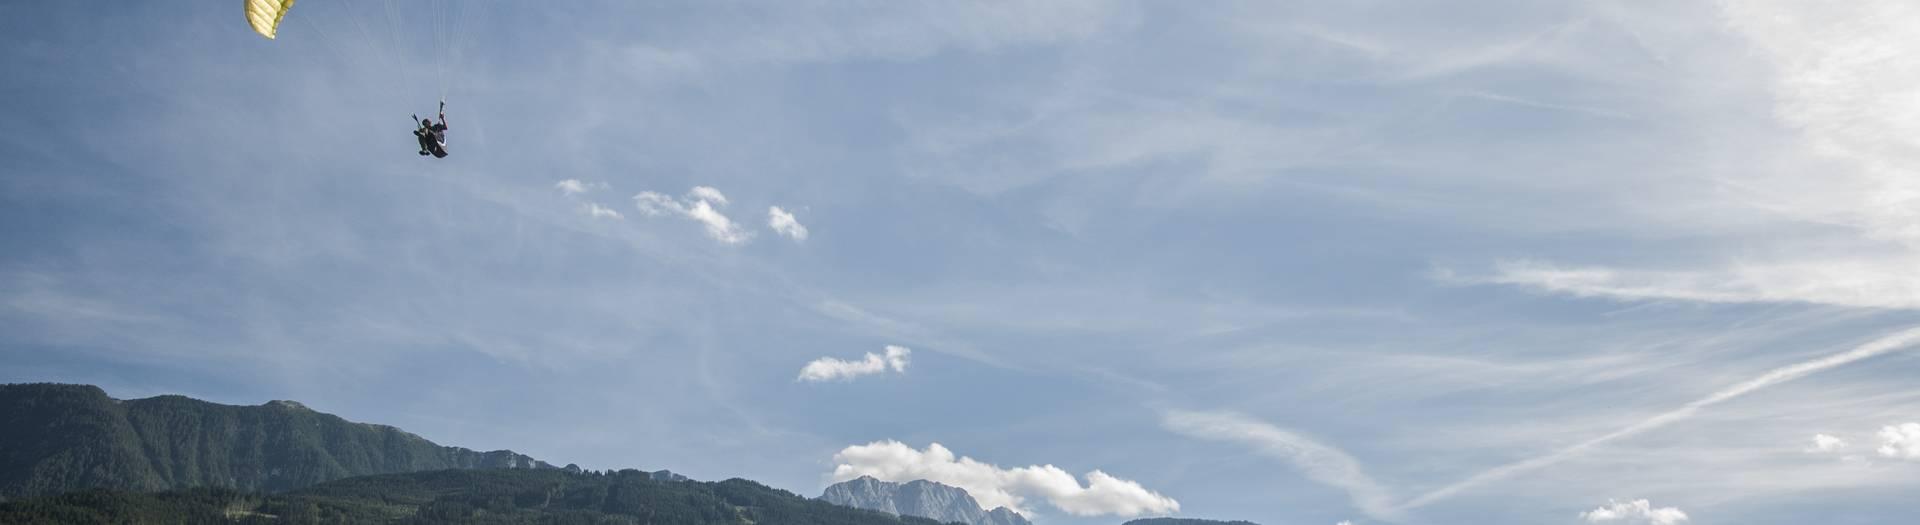 Greifenburg in der Nationalpark-Region Hohe Tauern